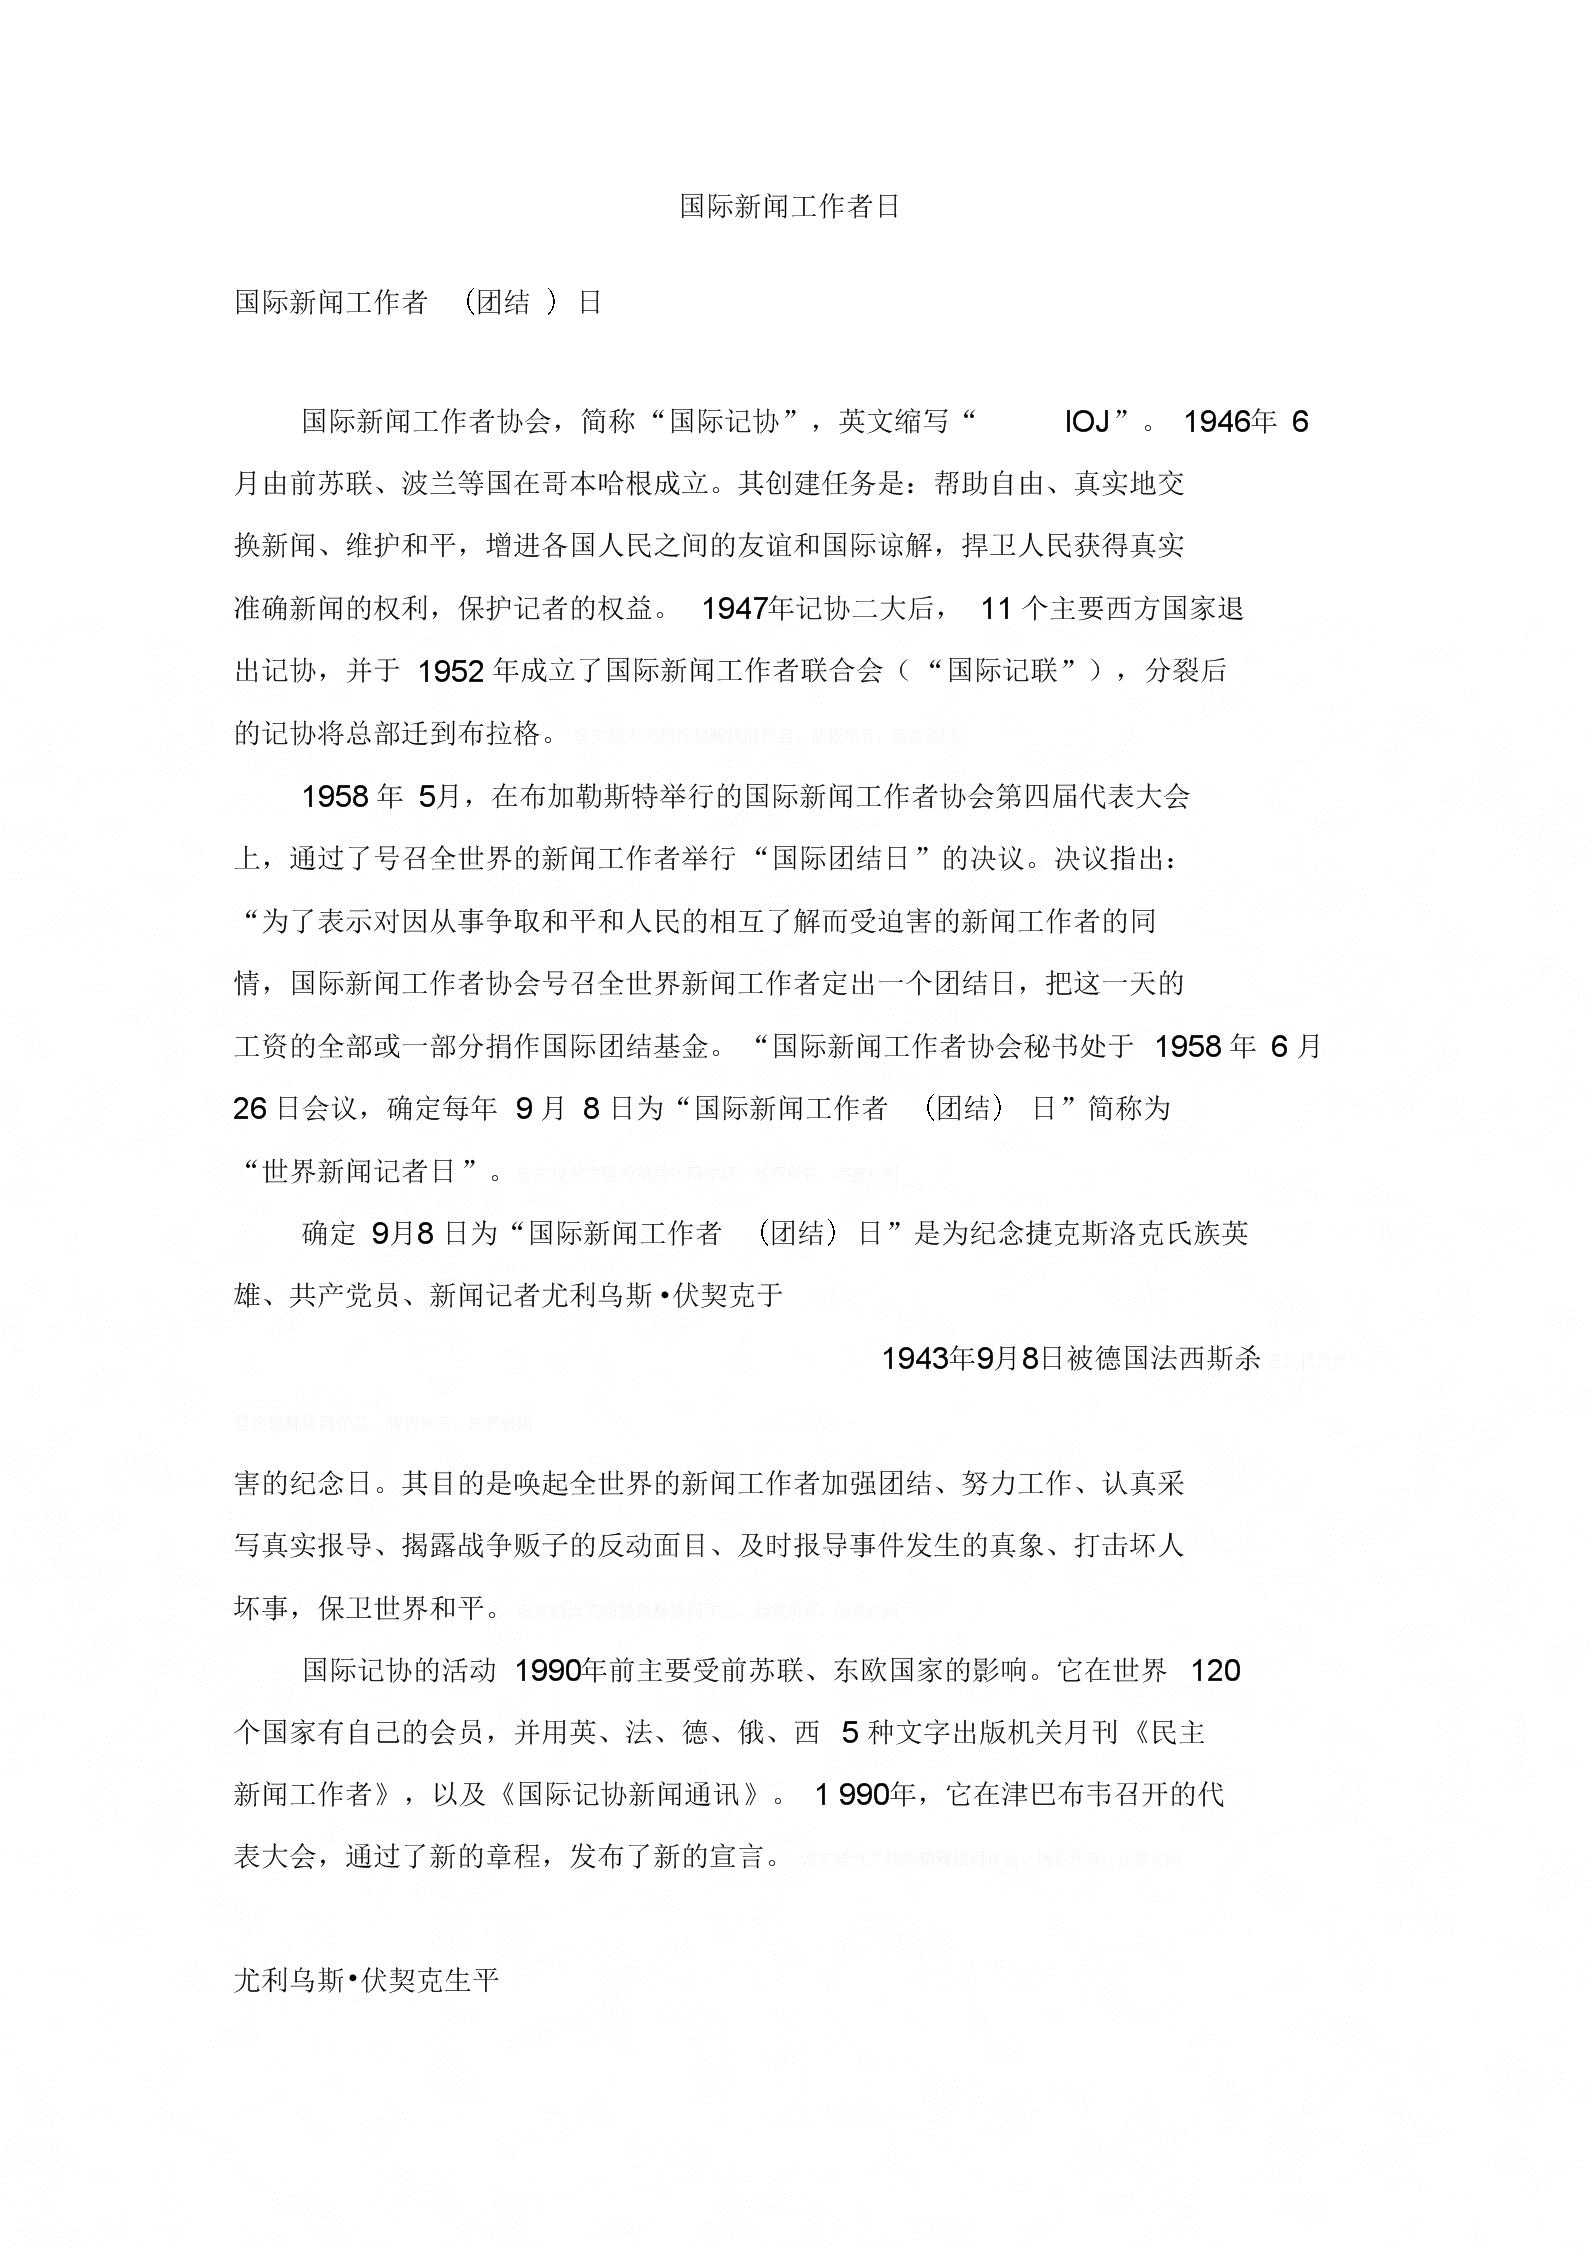 国际新闻工作者日.docx